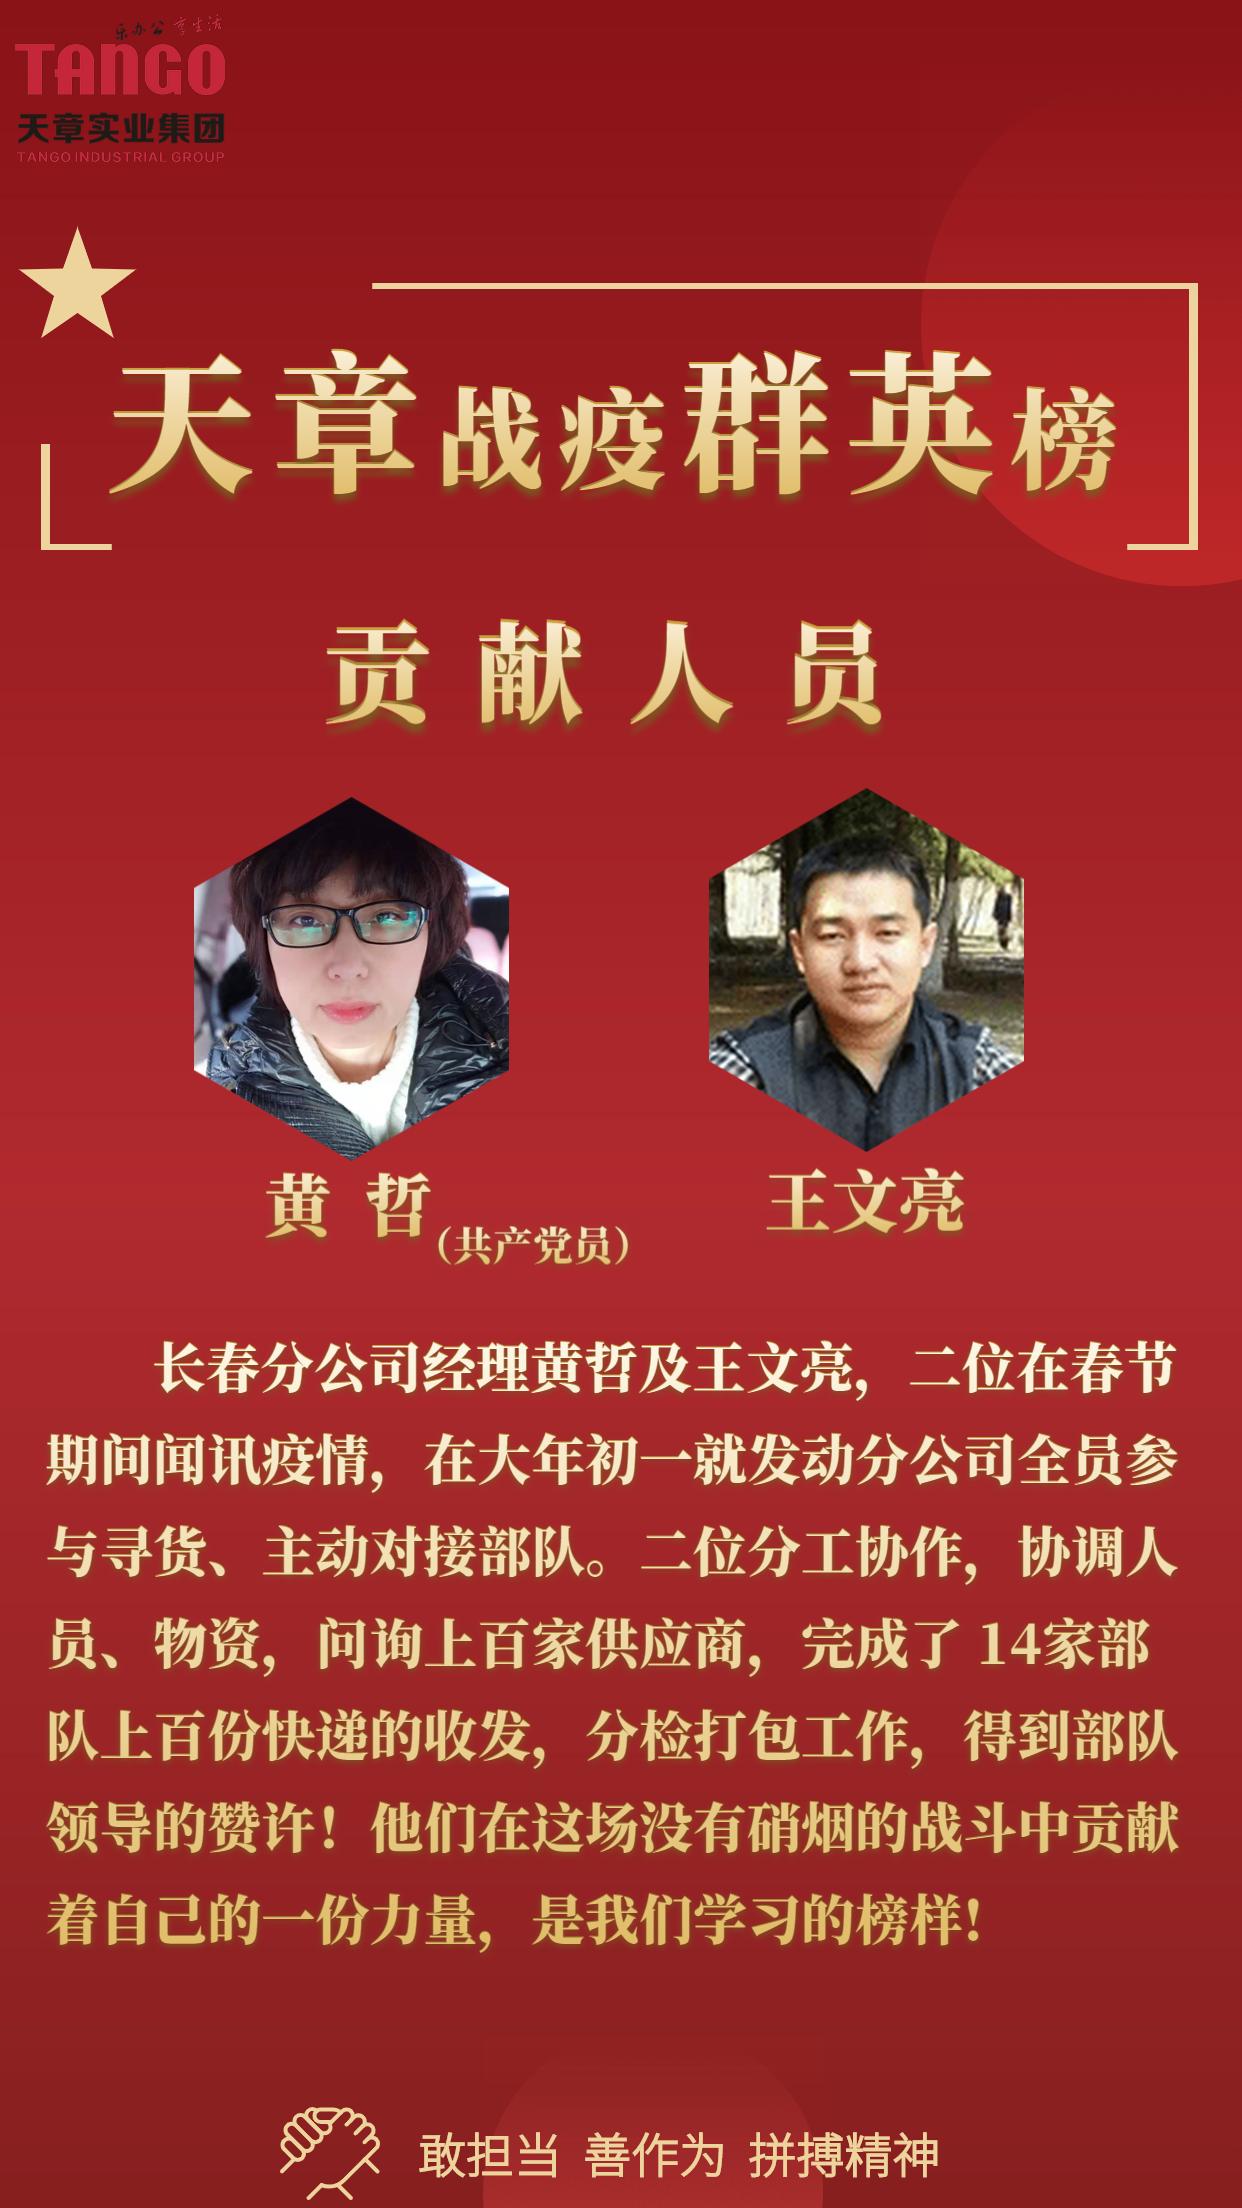 黄哲王文亮海报